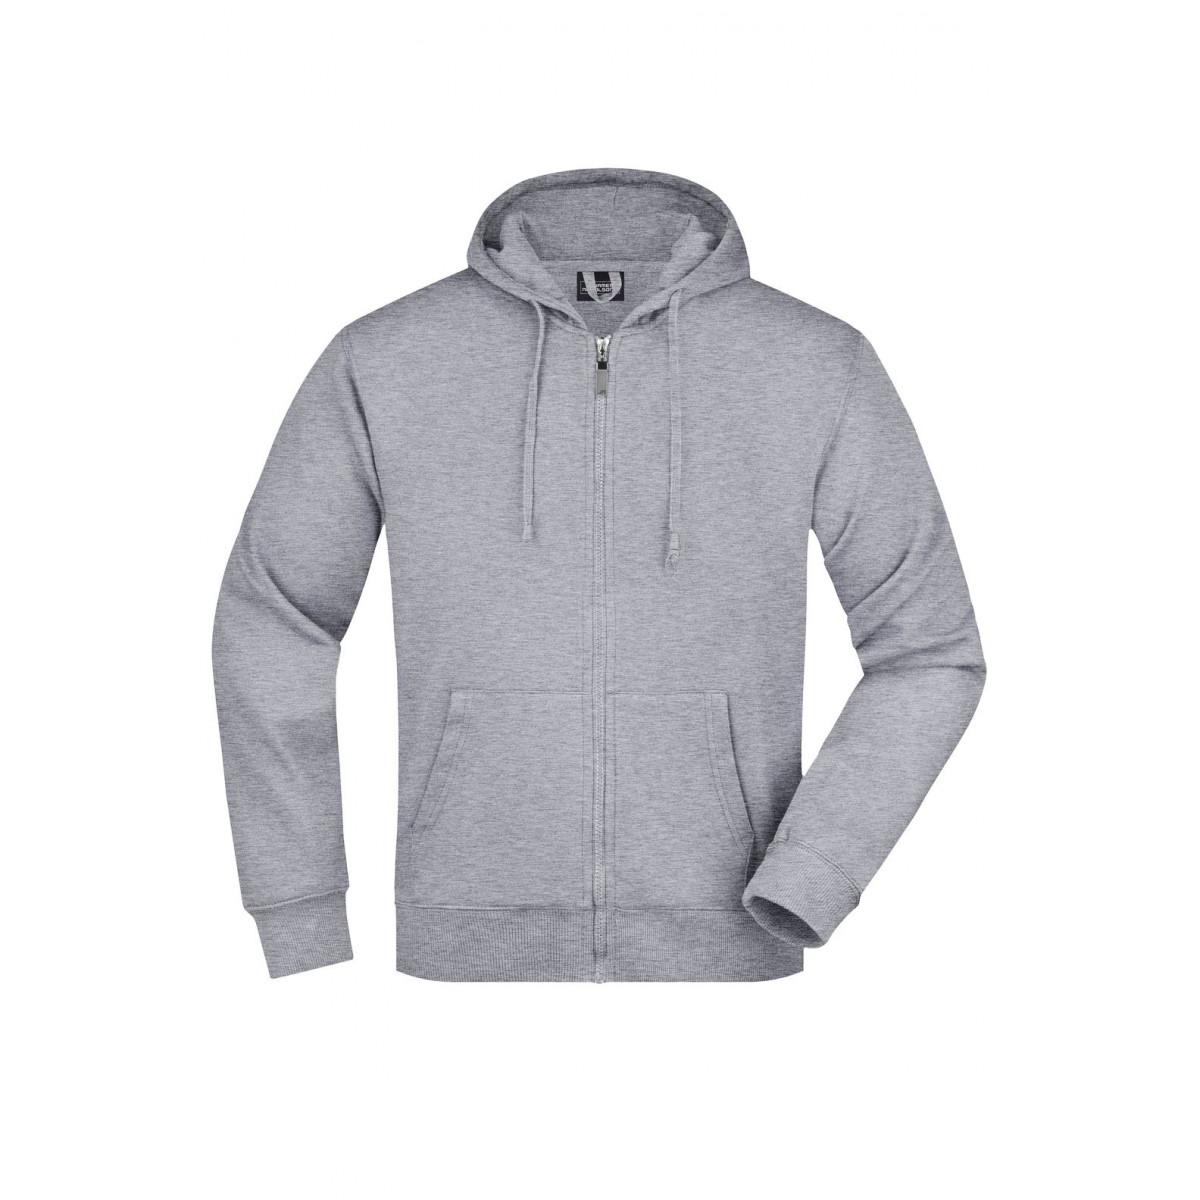 Толстовка мужская JN042 Mens Hooded Jacket - Серый меланж